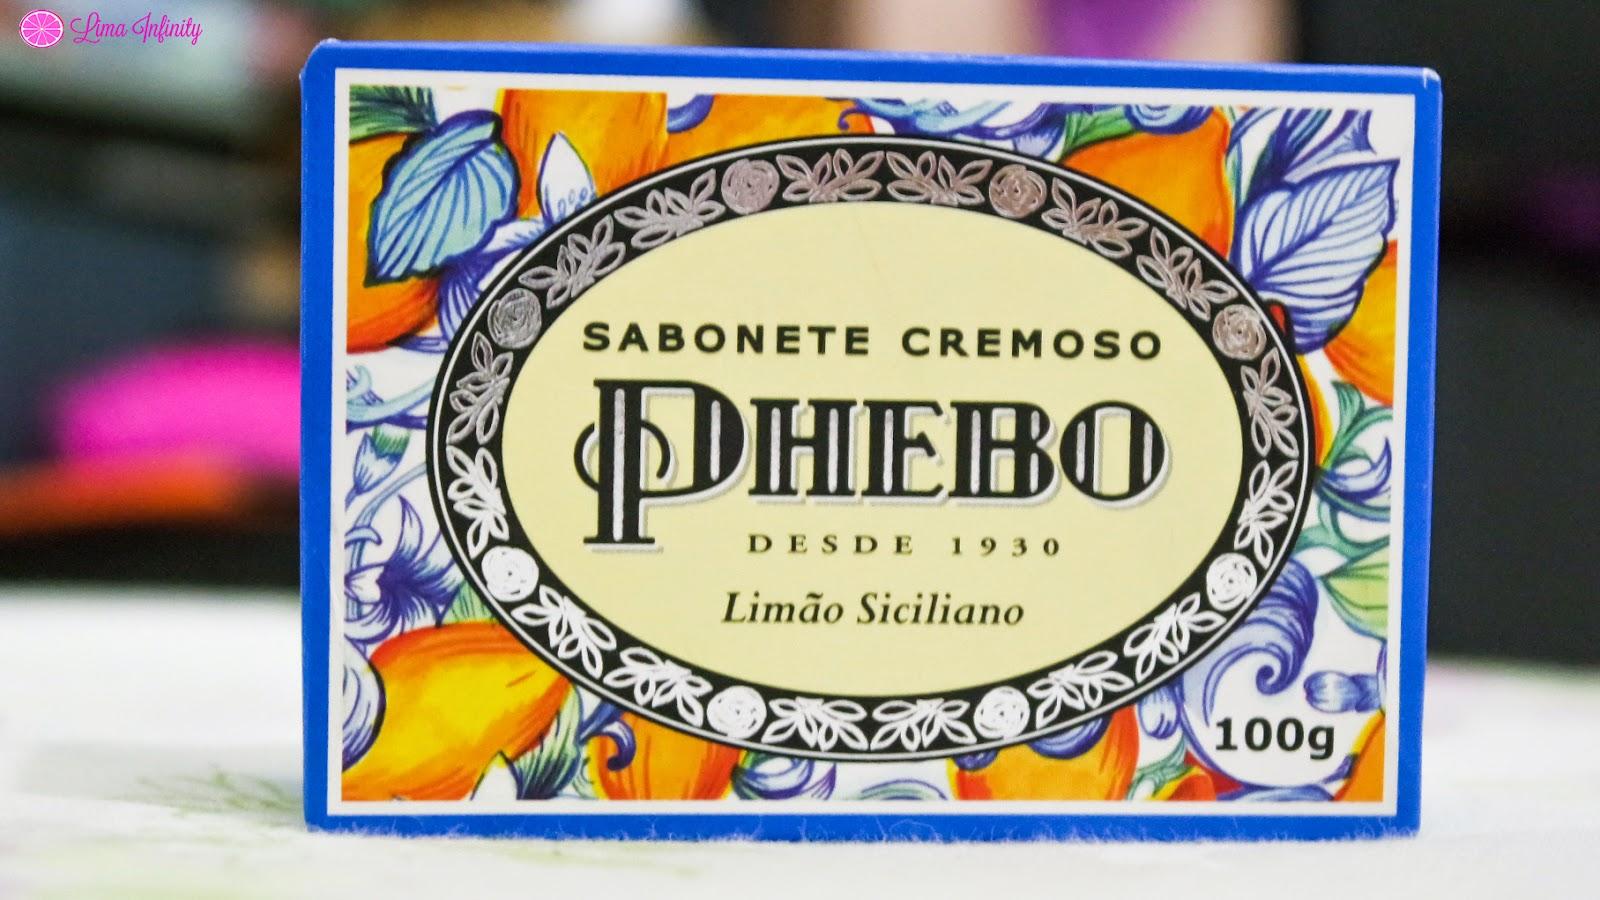 SABONETE - PHEBO - LIMÃO SICILIANO - CHEIROSO